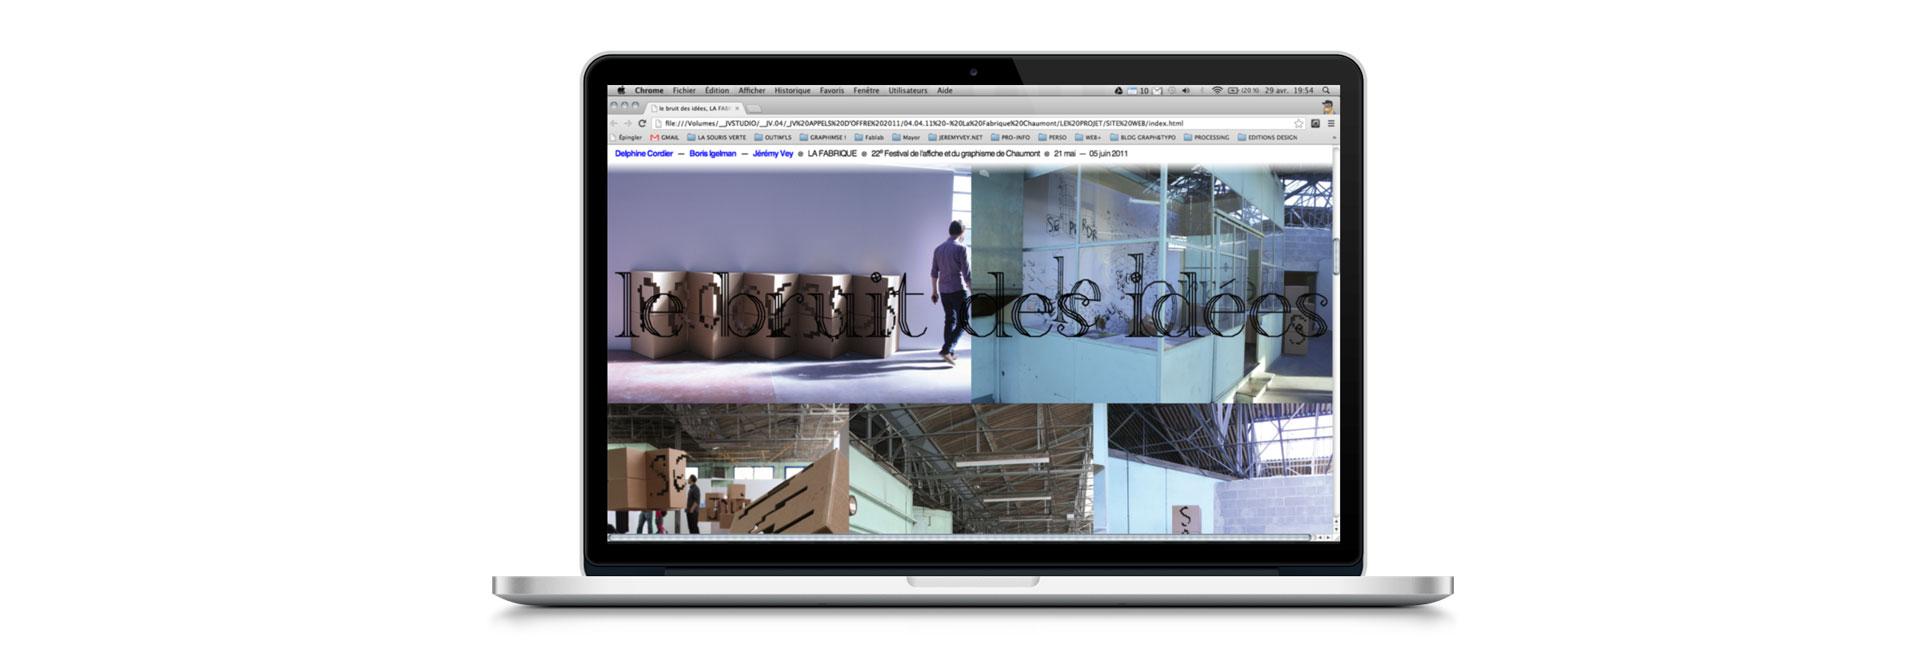 Festival-Chaumont-4-site-web-design-3